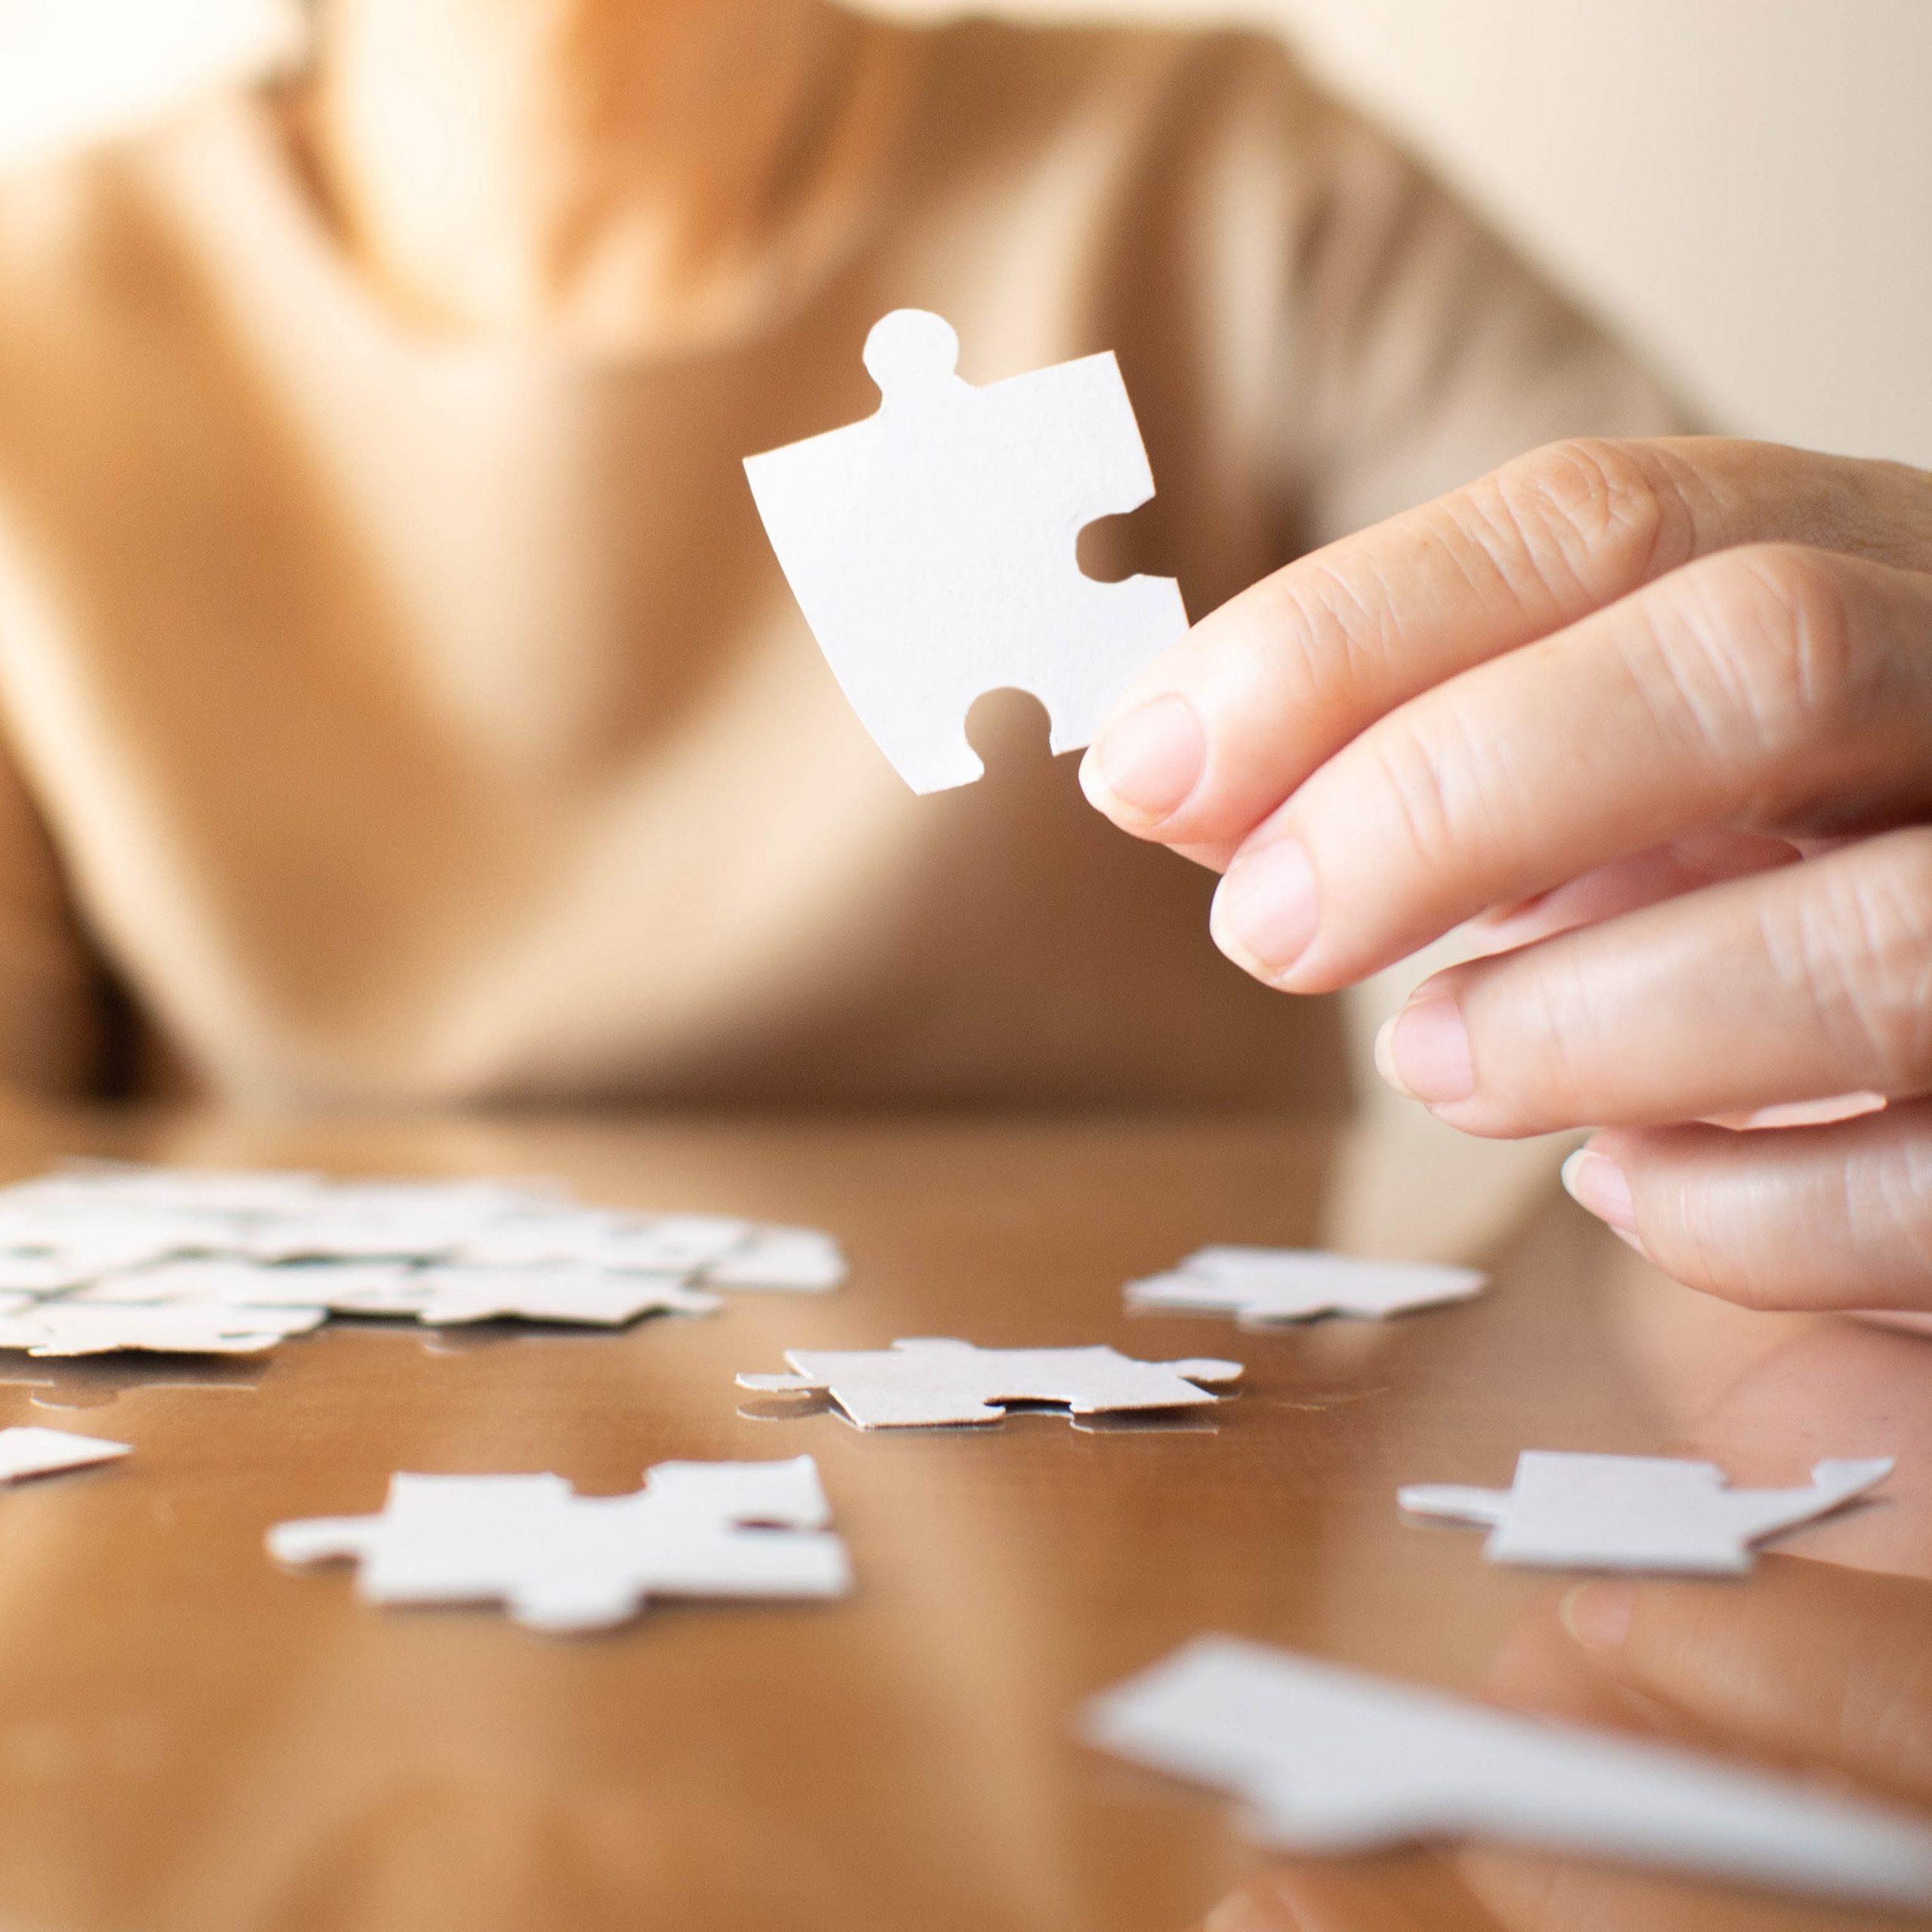 Wissenschaftler haben womöglich einen Ansatz entwickelt, der die Immunität gegen die Alzheimer-Erkrankung erhöht